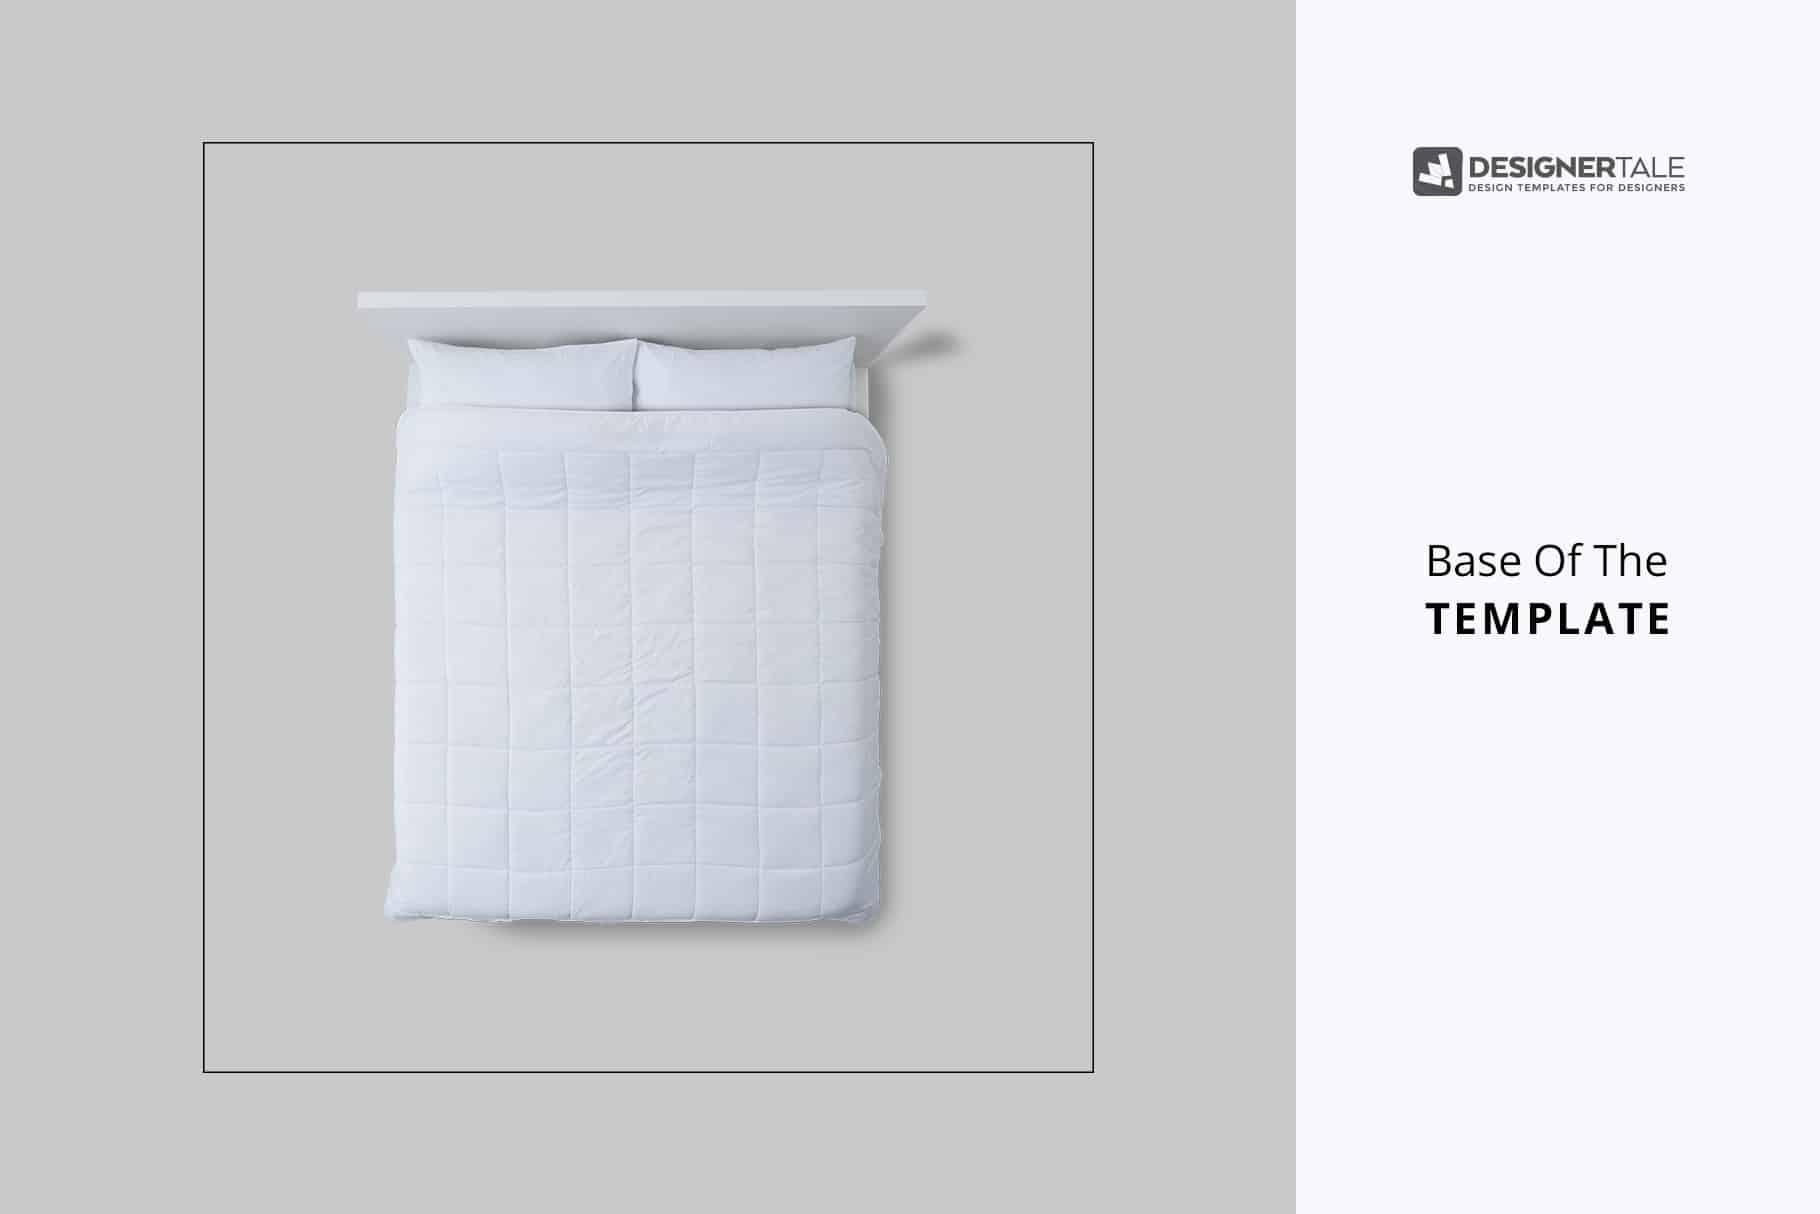 四件套床单样机模板床上用品印花图案设计样机模板queen-size-bed-linen-mockup